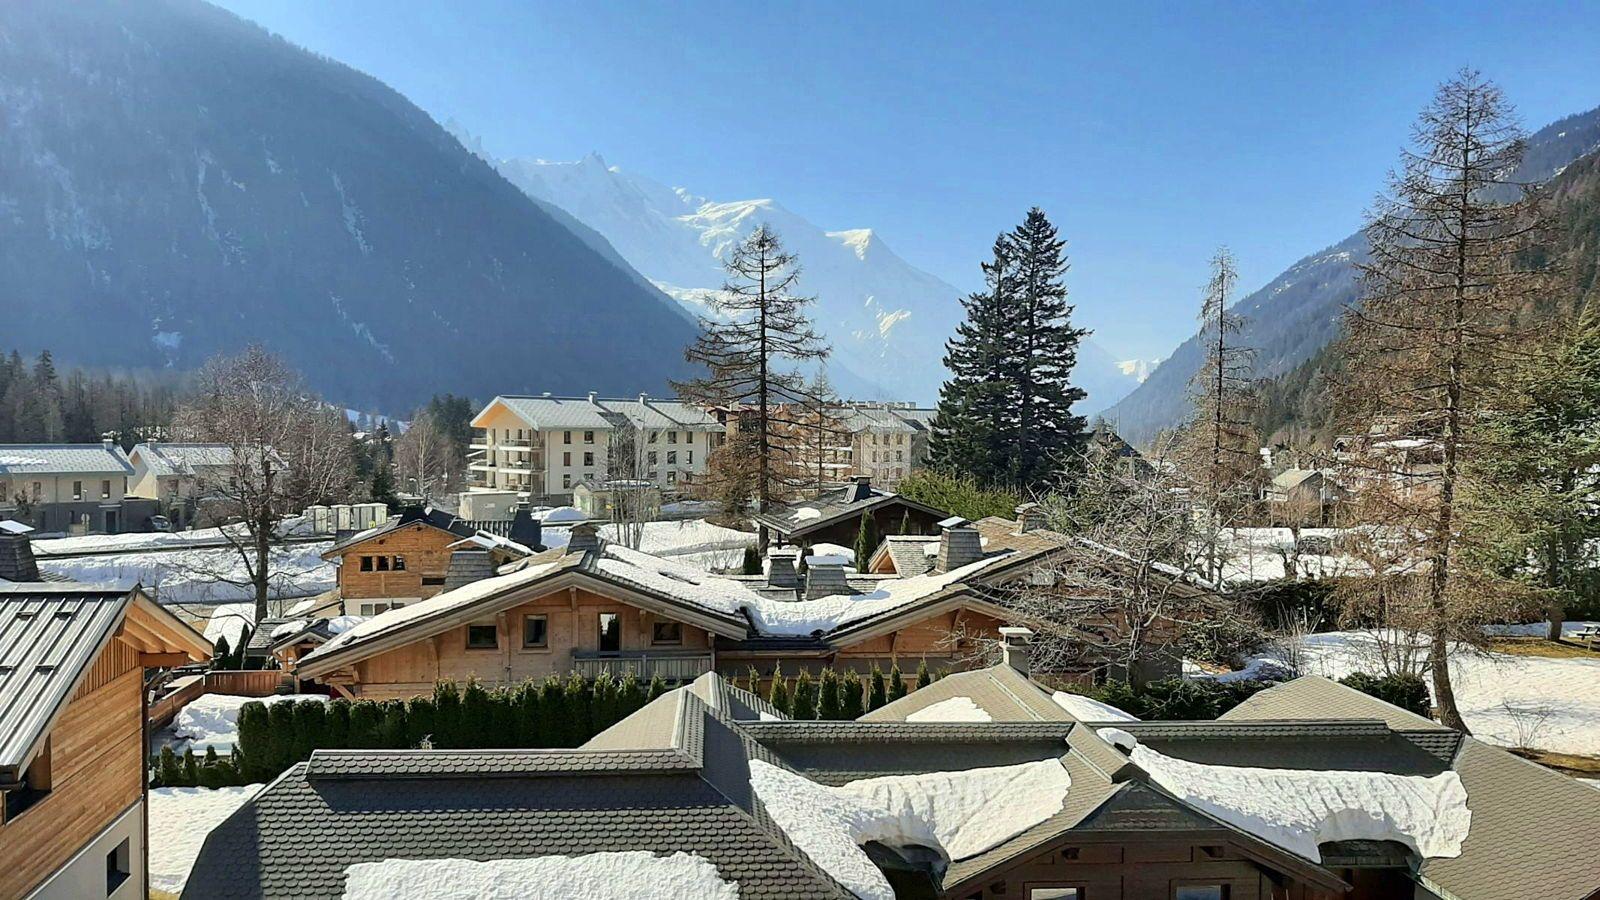 Loue appartement 6couchages à Argentière (74) vallée de Chamonix - vue Mont-Blanc